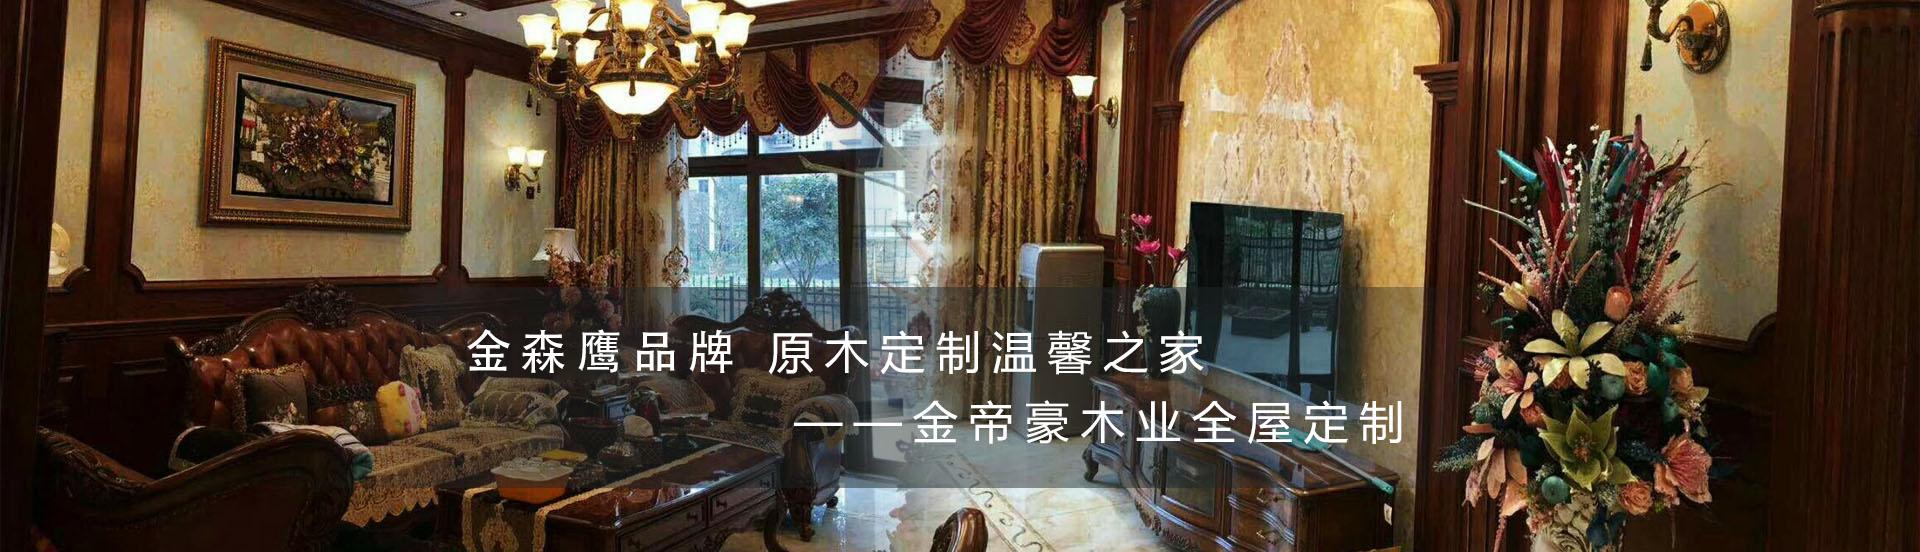 貴州省金帝豪木業有限公司